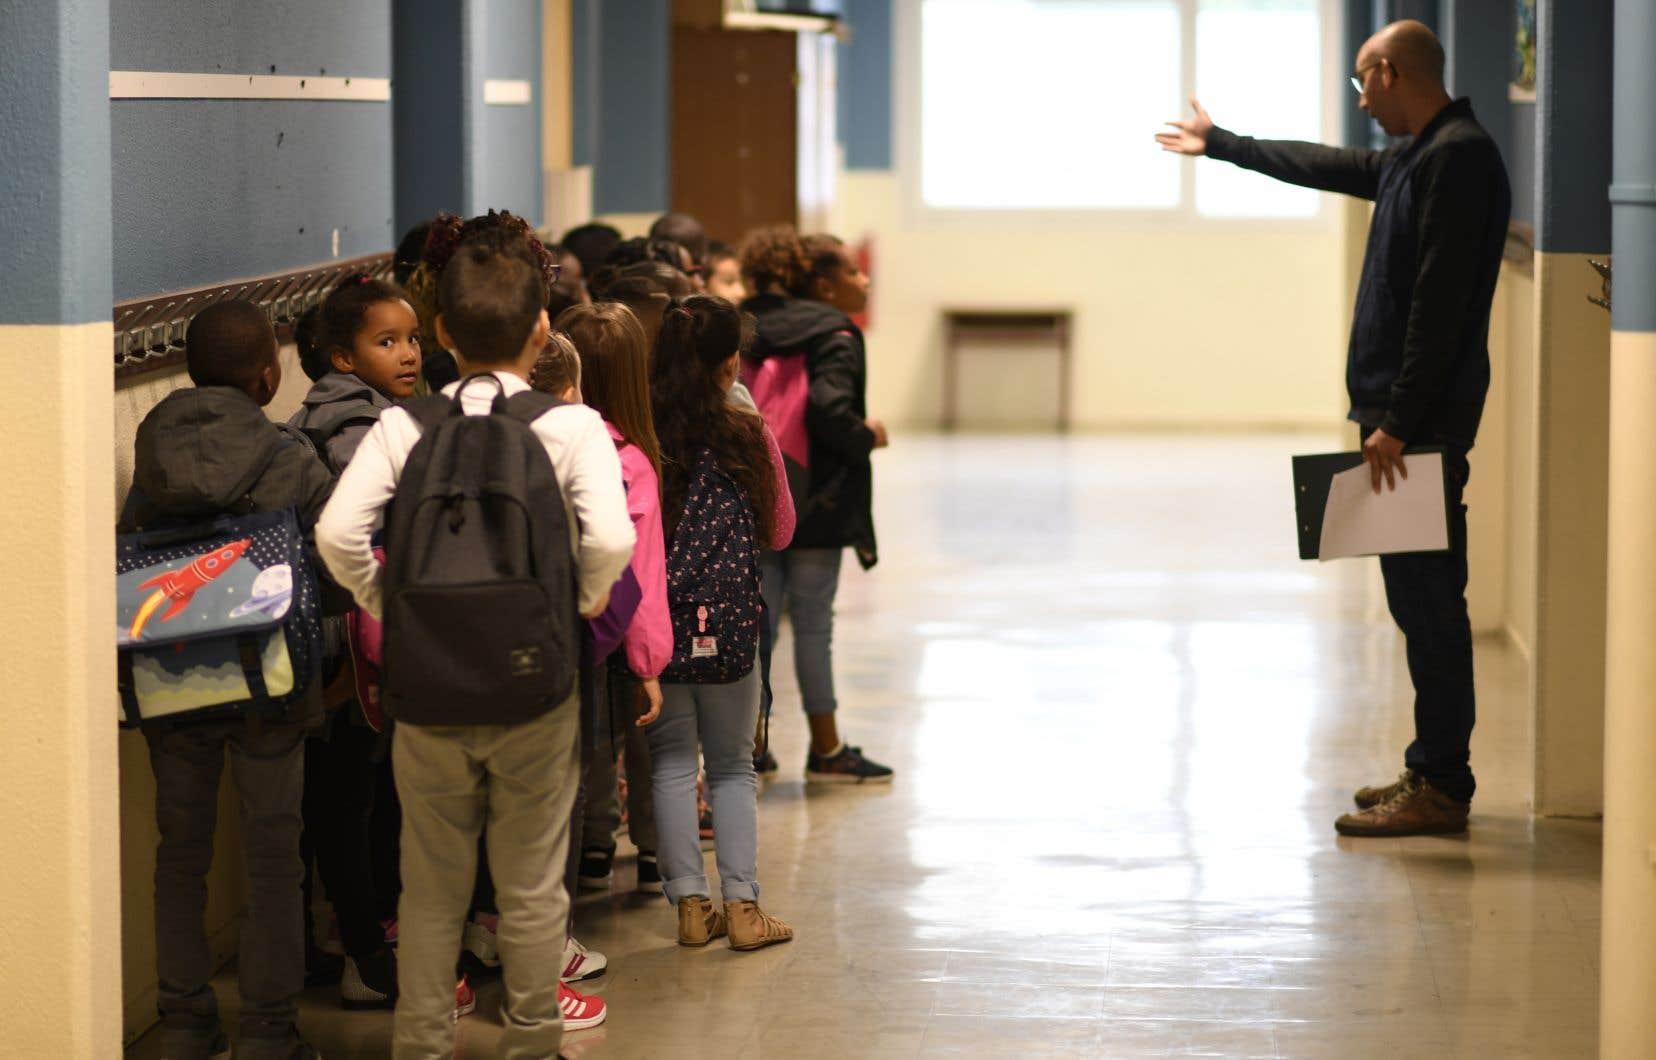 La Fédération des syndicats de l'enseignement a appelé le gouvernement à mieux valoriser les enseignants, en améliorant leurs salaires et leurs conditions.